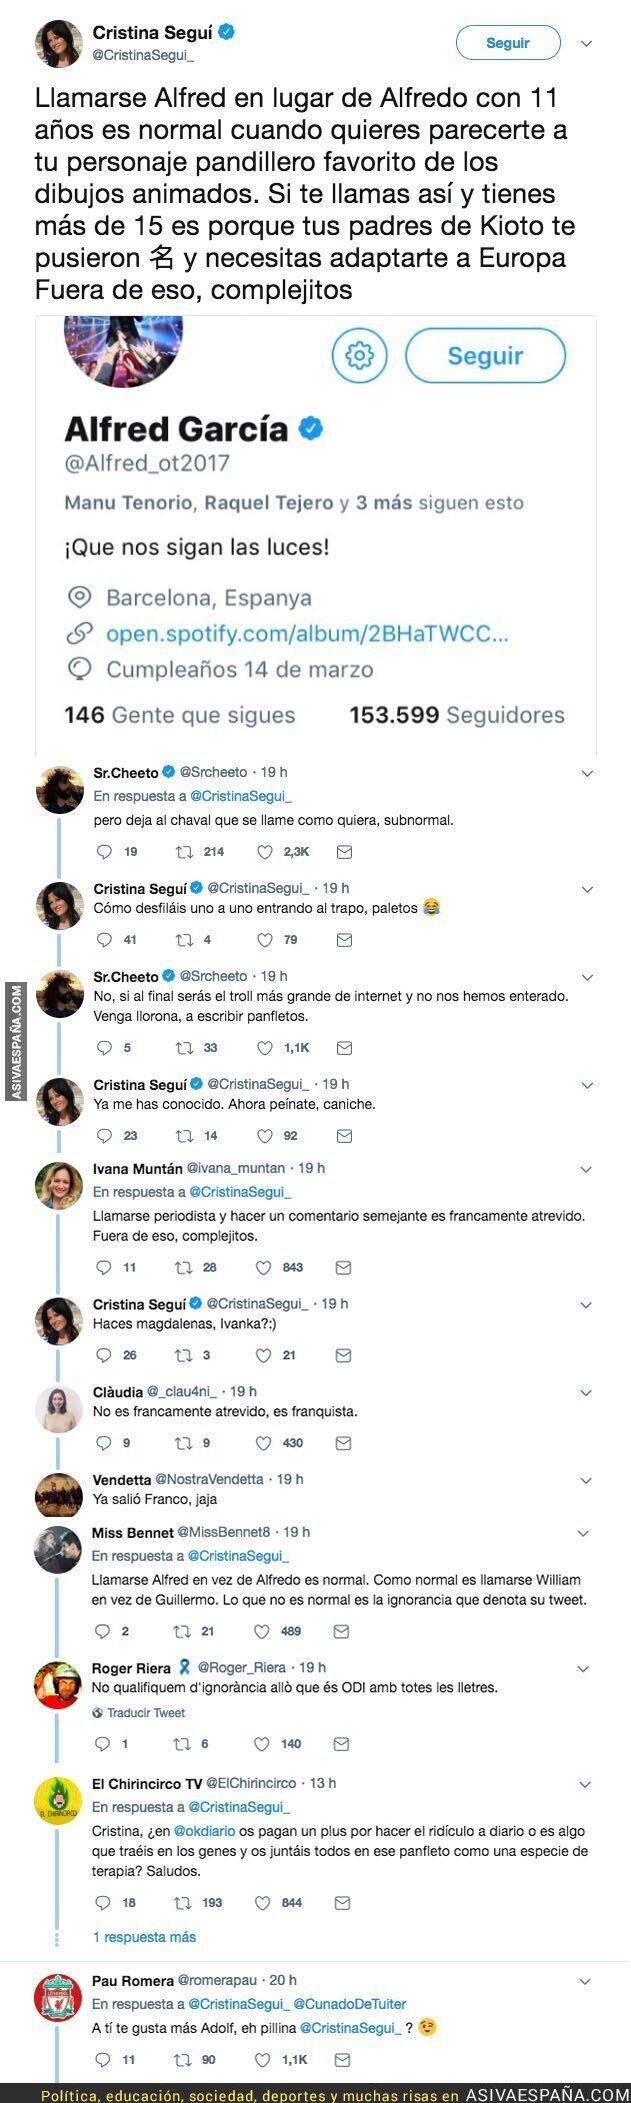 86329 - Cristina Seguí se indigna porque Alfred se hace llamar así y no Alfredo y Twitter responde humillándola